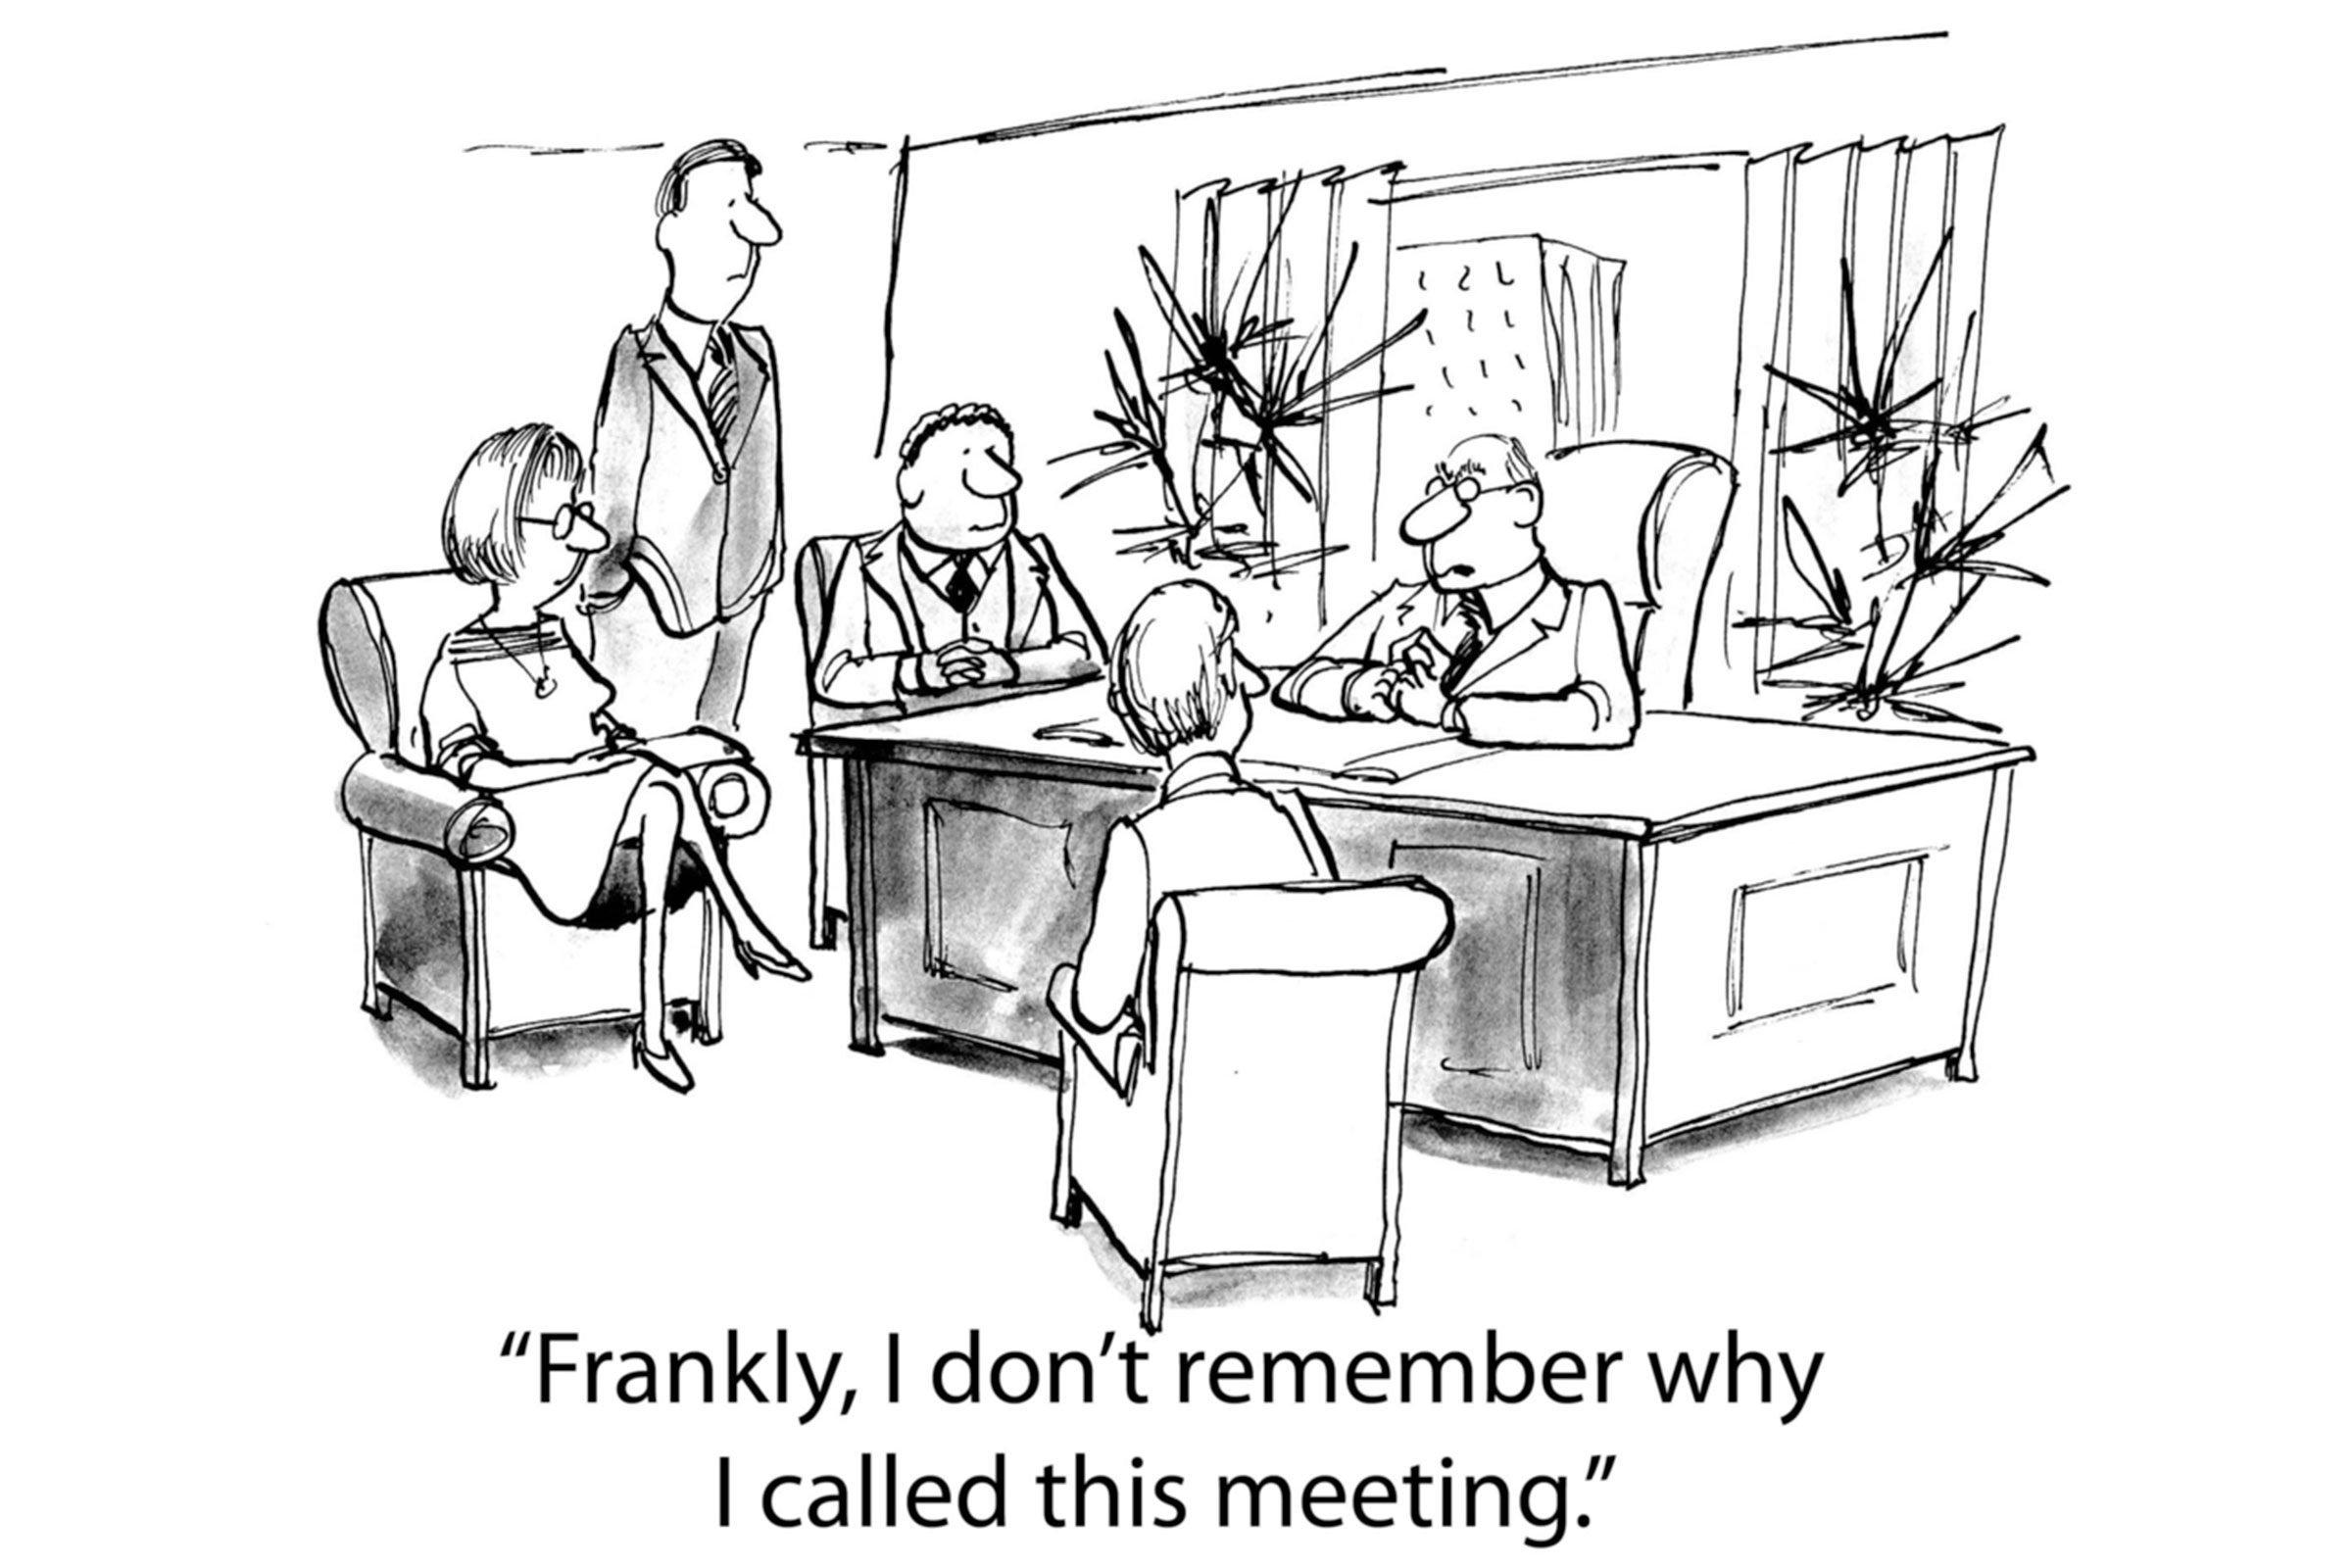 Pointless meeting